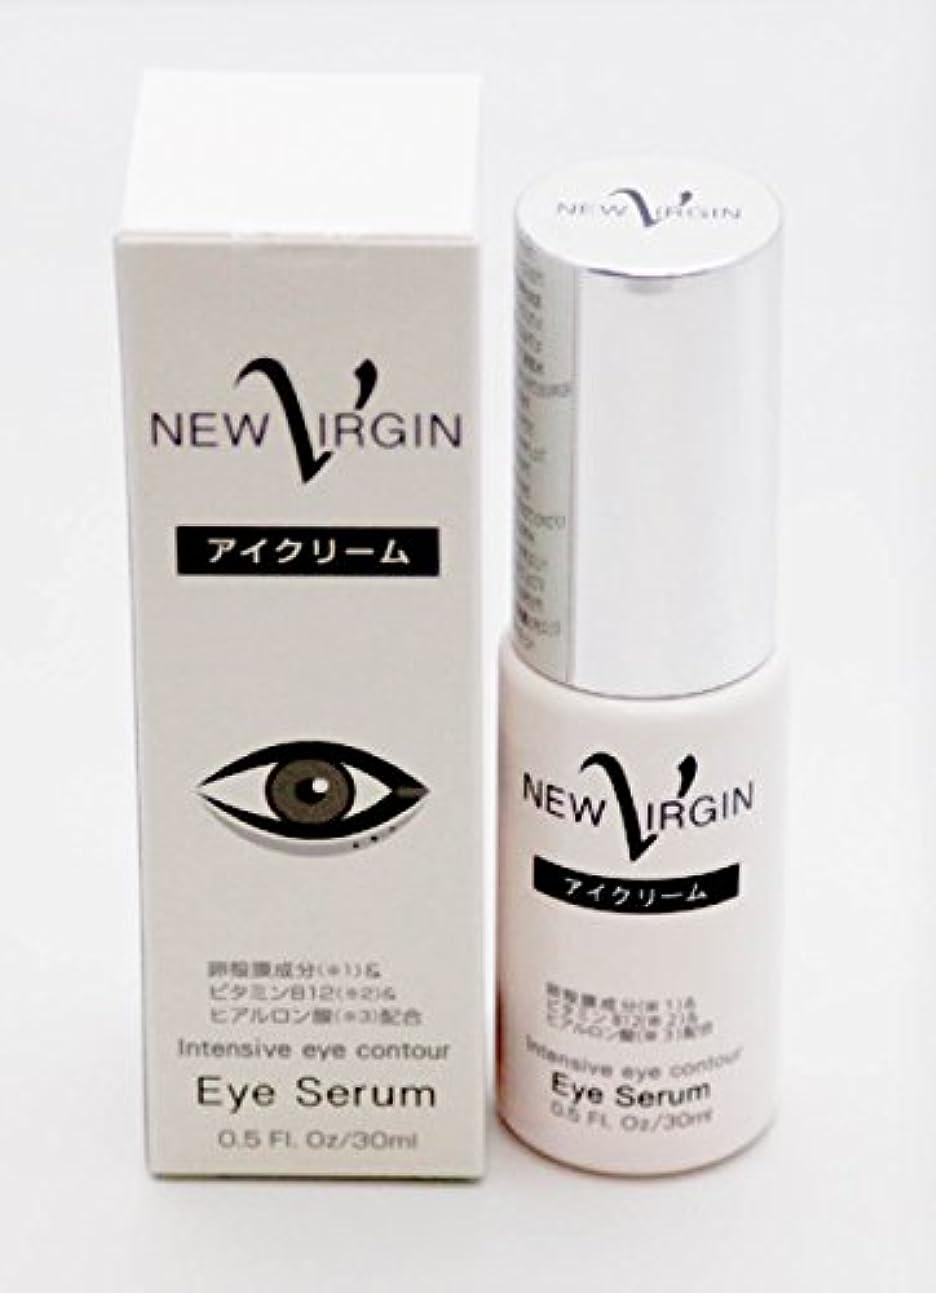 NEW VIRGIN目元アイクリーム ビタミンB12 ヒアルロ酸配合 美肌 30g